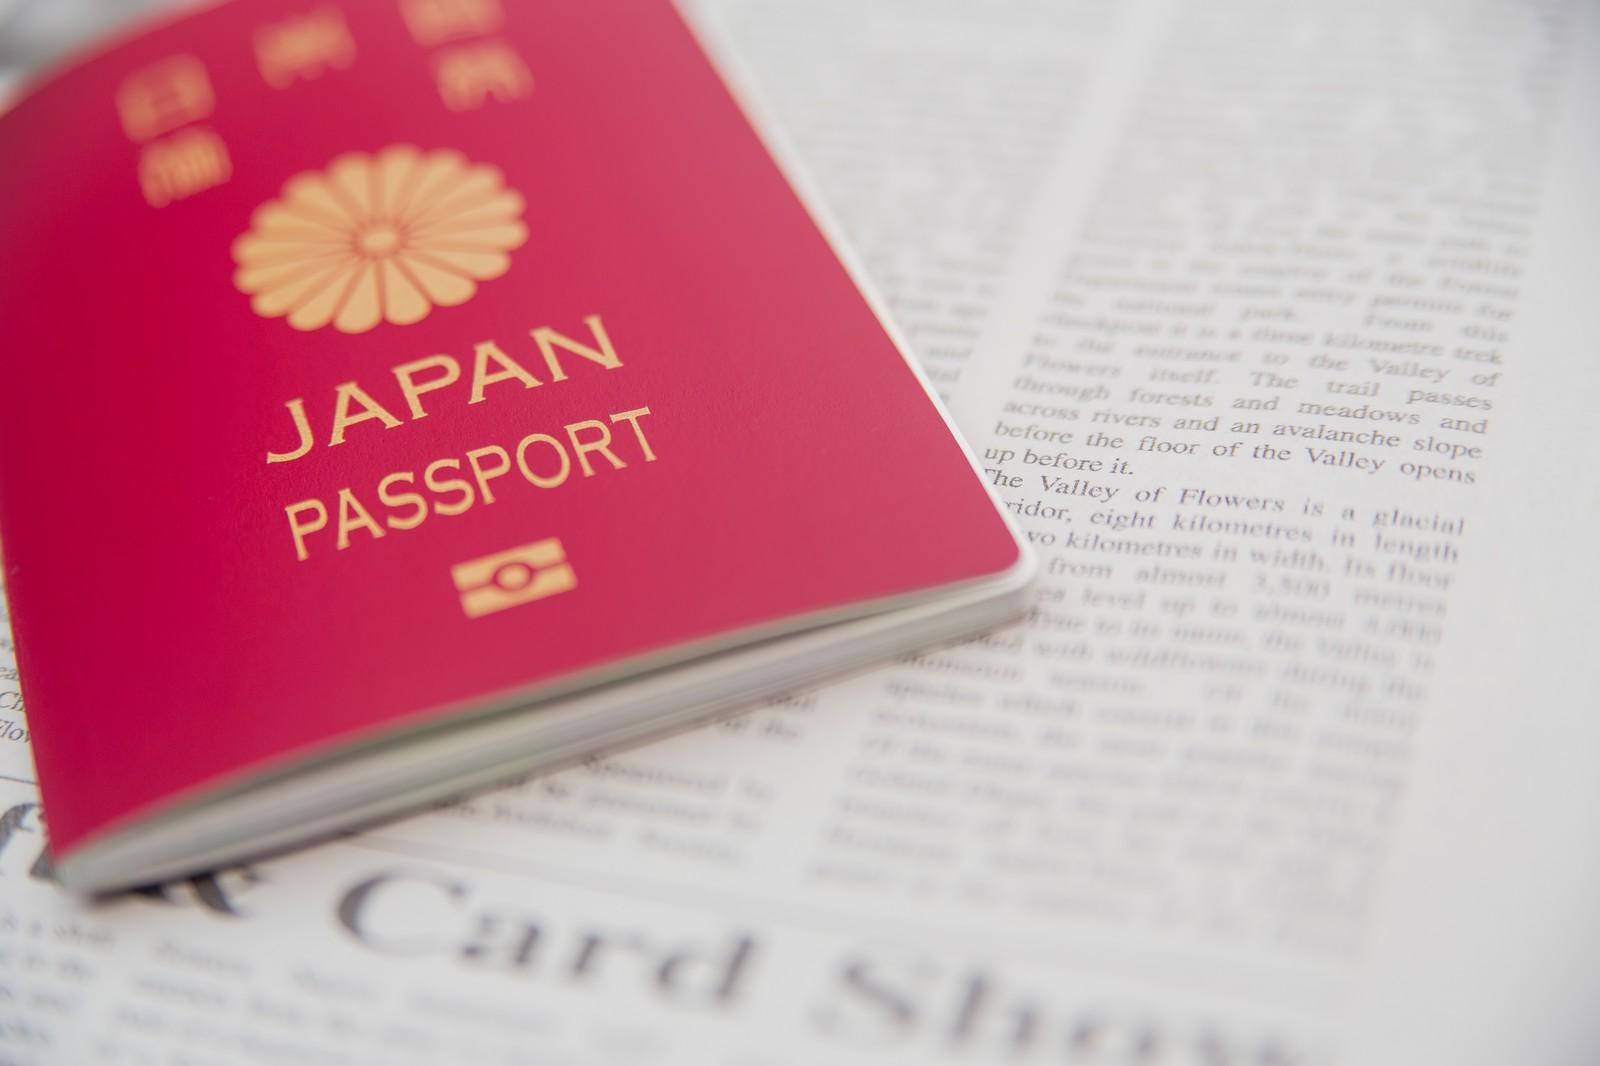 MS251_japanpassport_TP_V.jpg